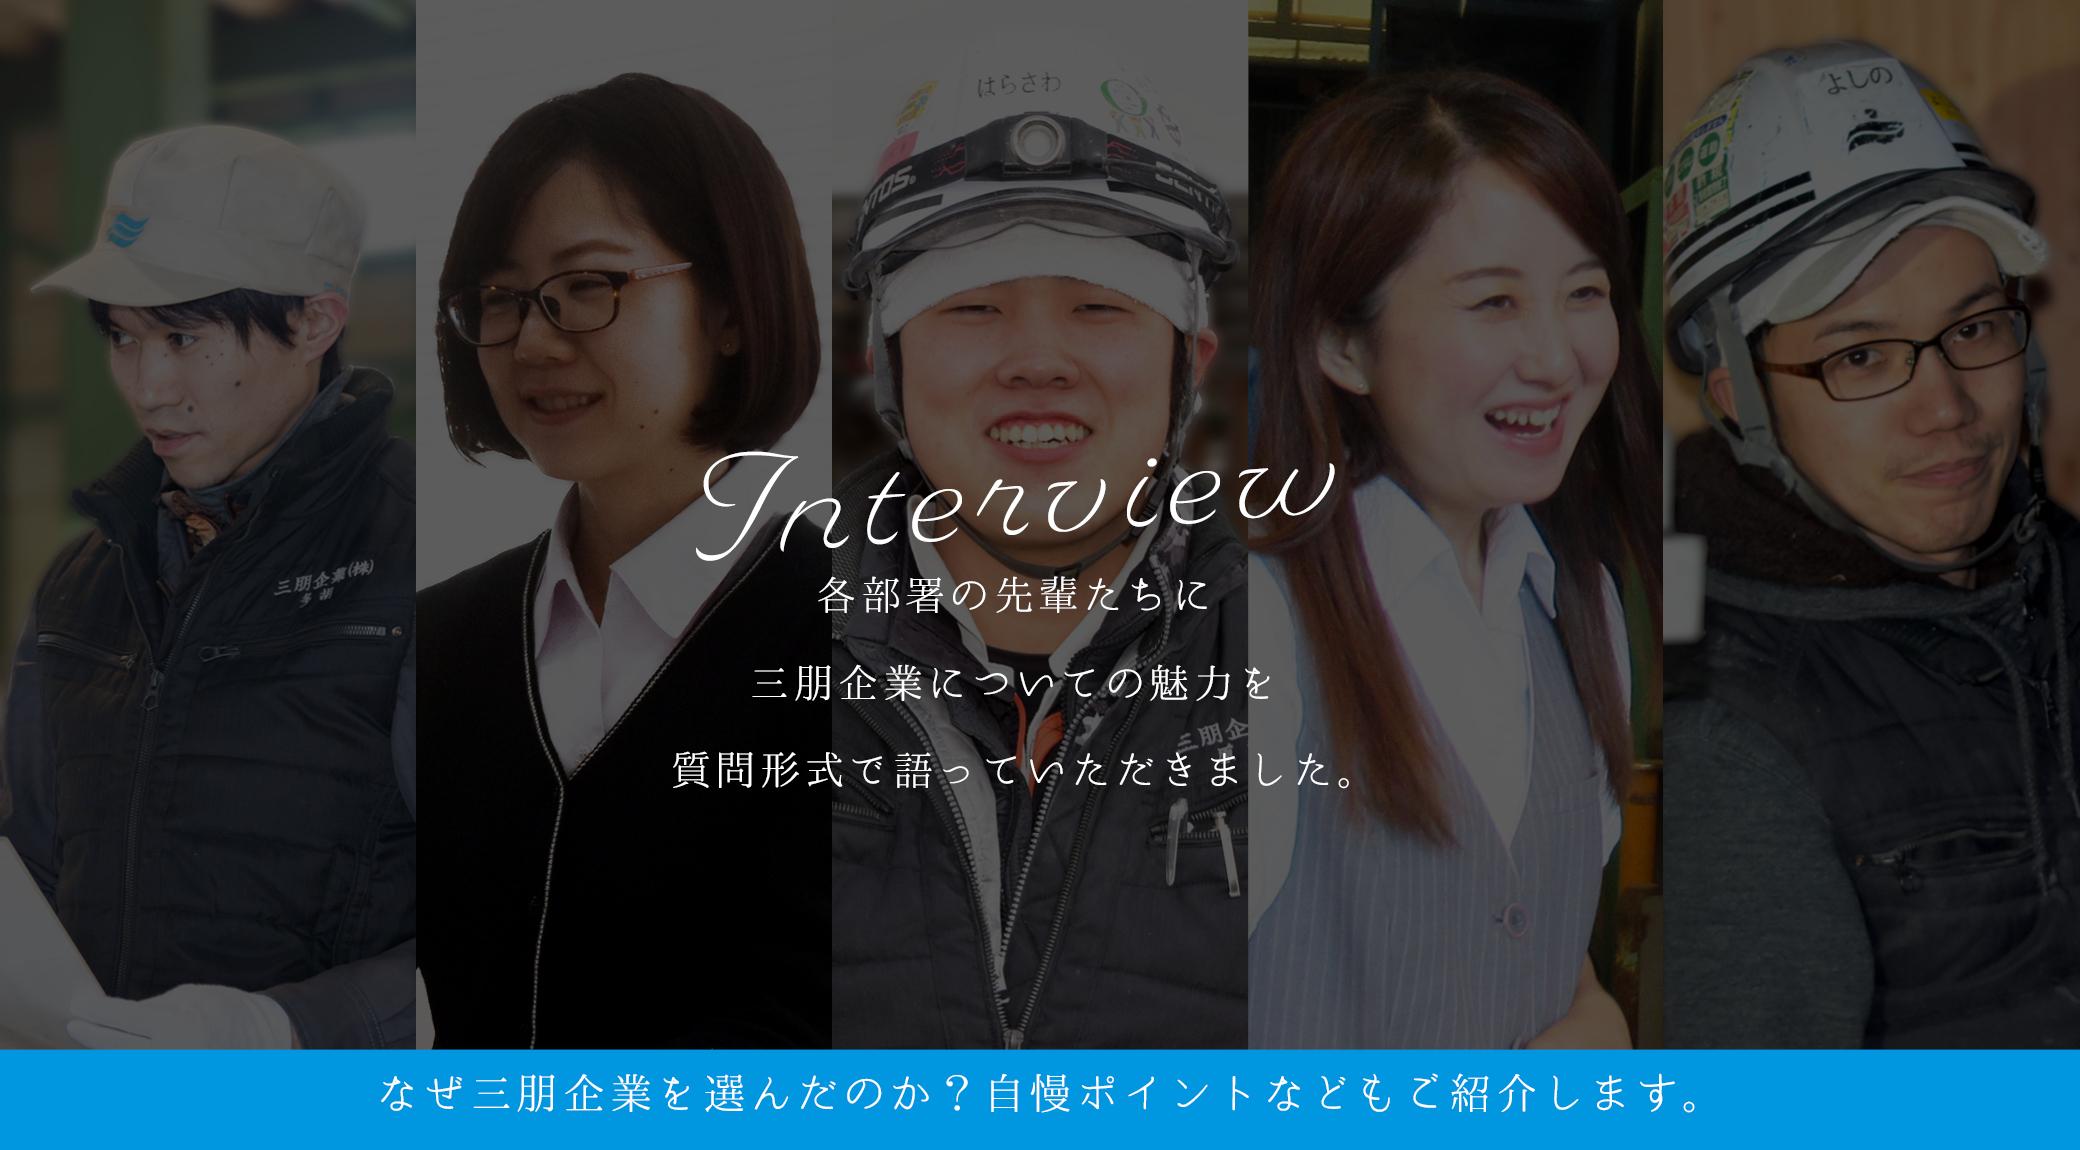 三朋企業はで働く先輩社員に弊社の自慢ポイントや、志望理由などをインタビューしました。